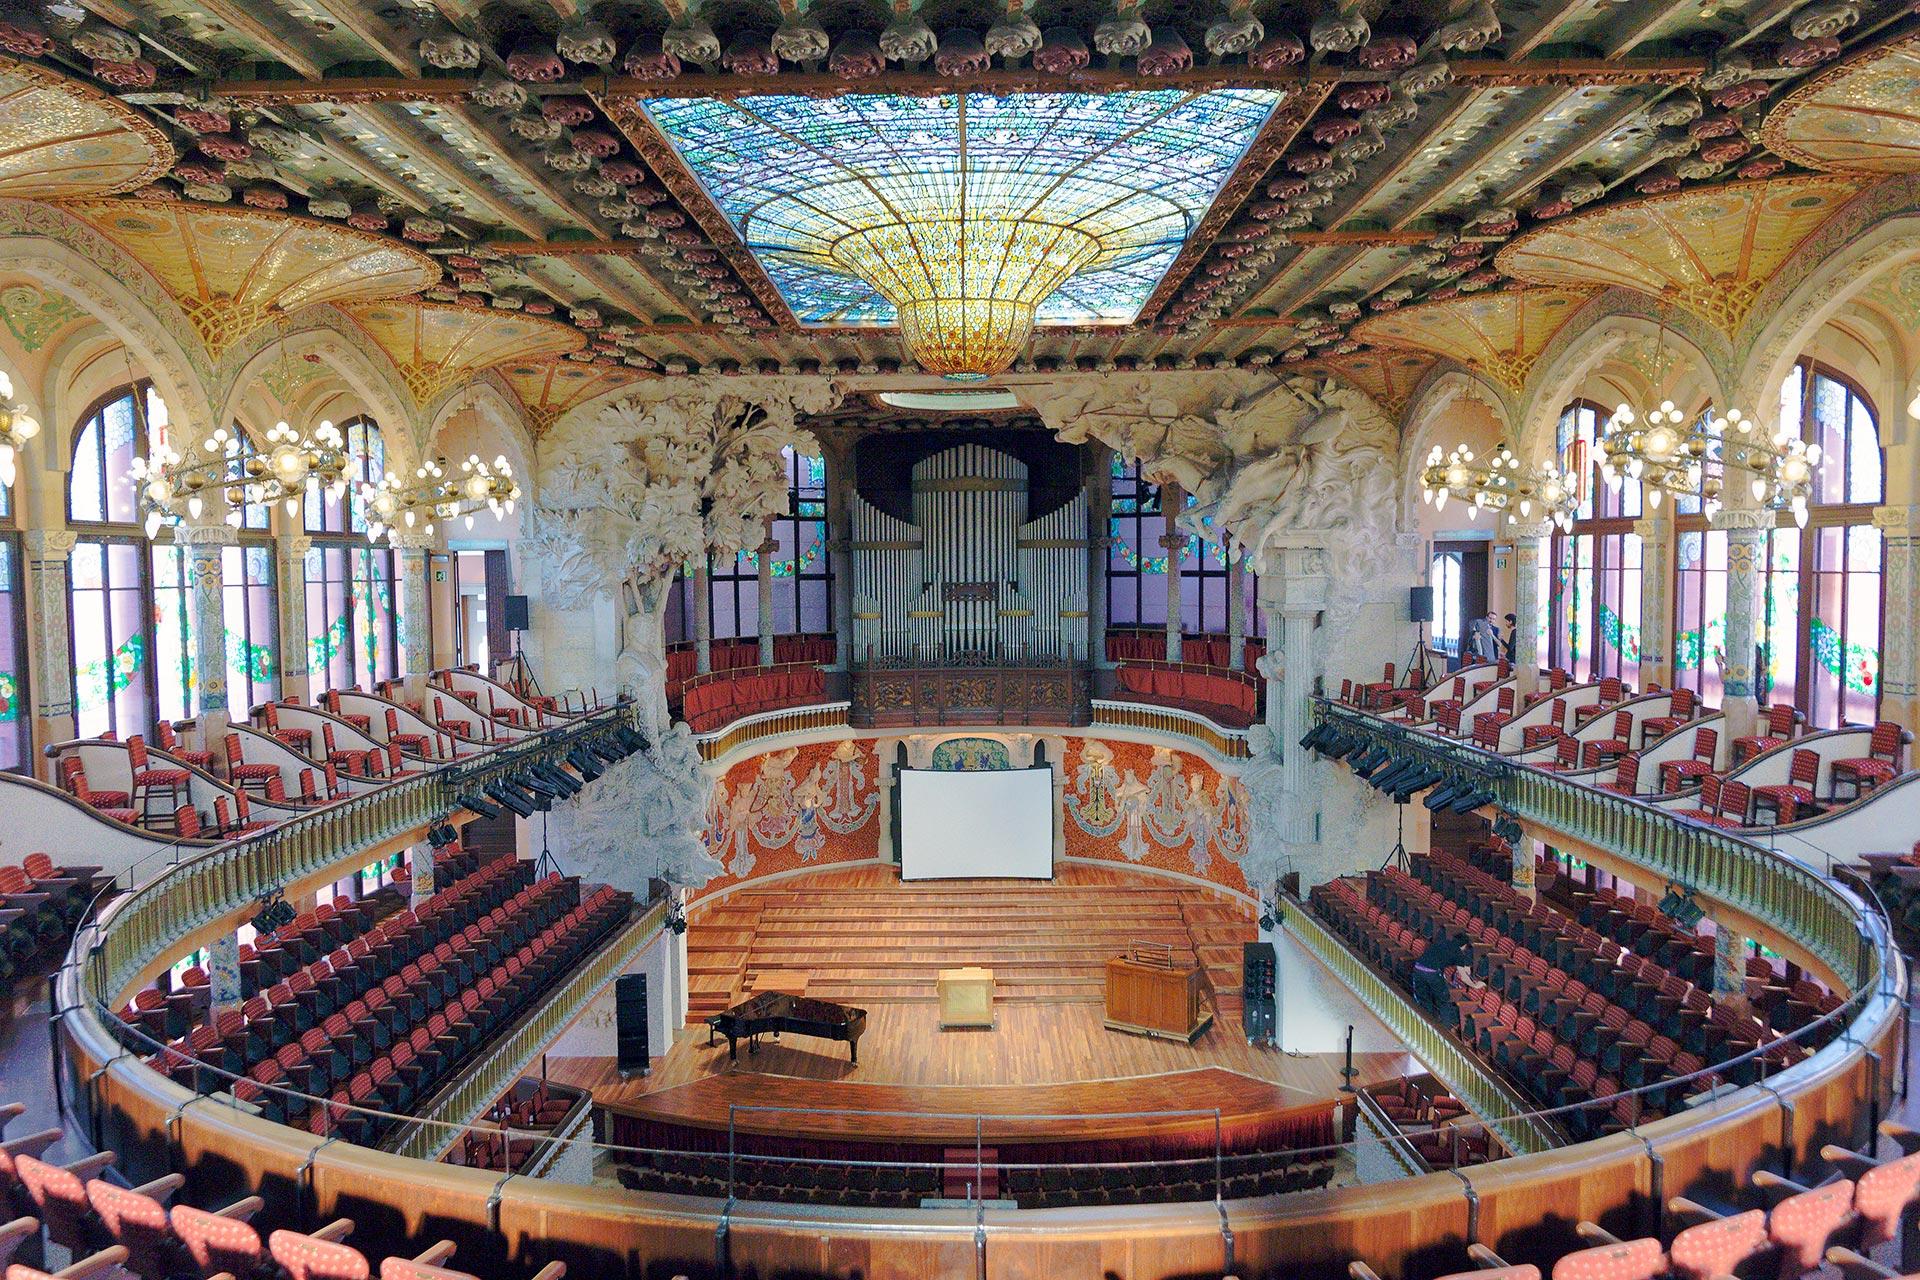 Palau de la Musica © Tuulia Kolehmainen